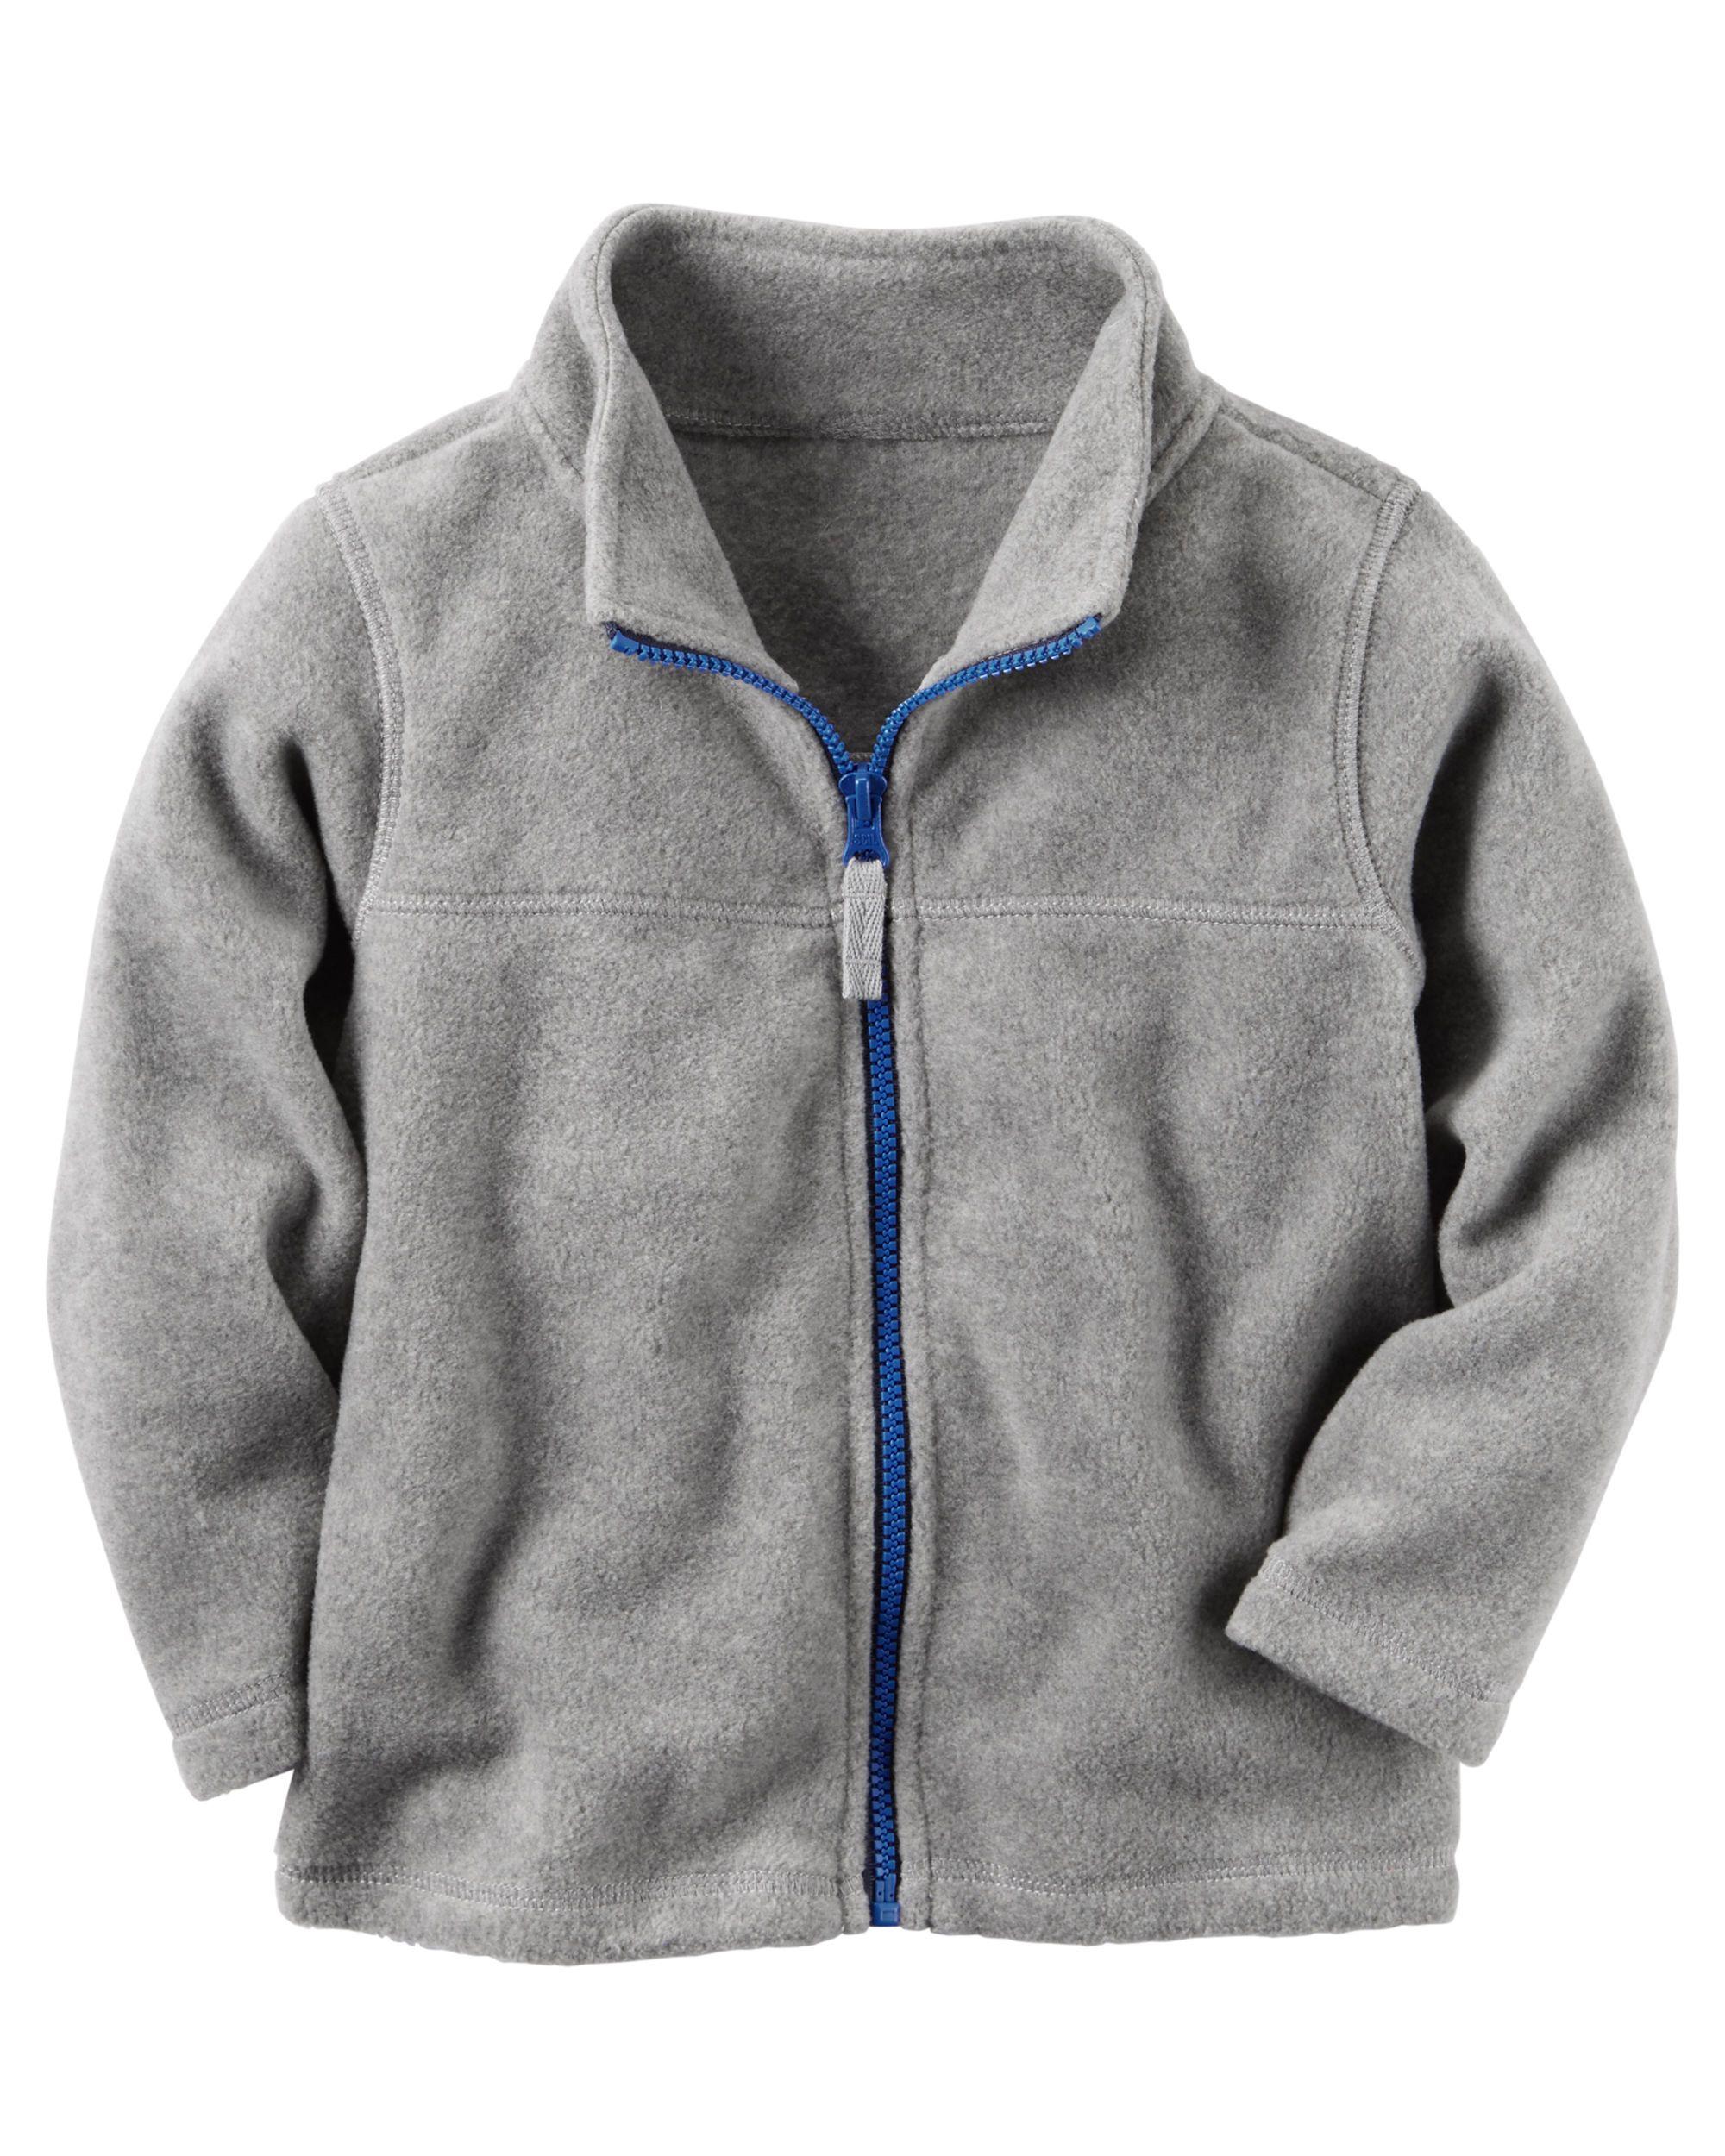 ZipUp Heavyweight Fleece Jacket Baby boy tops Carters baby boys